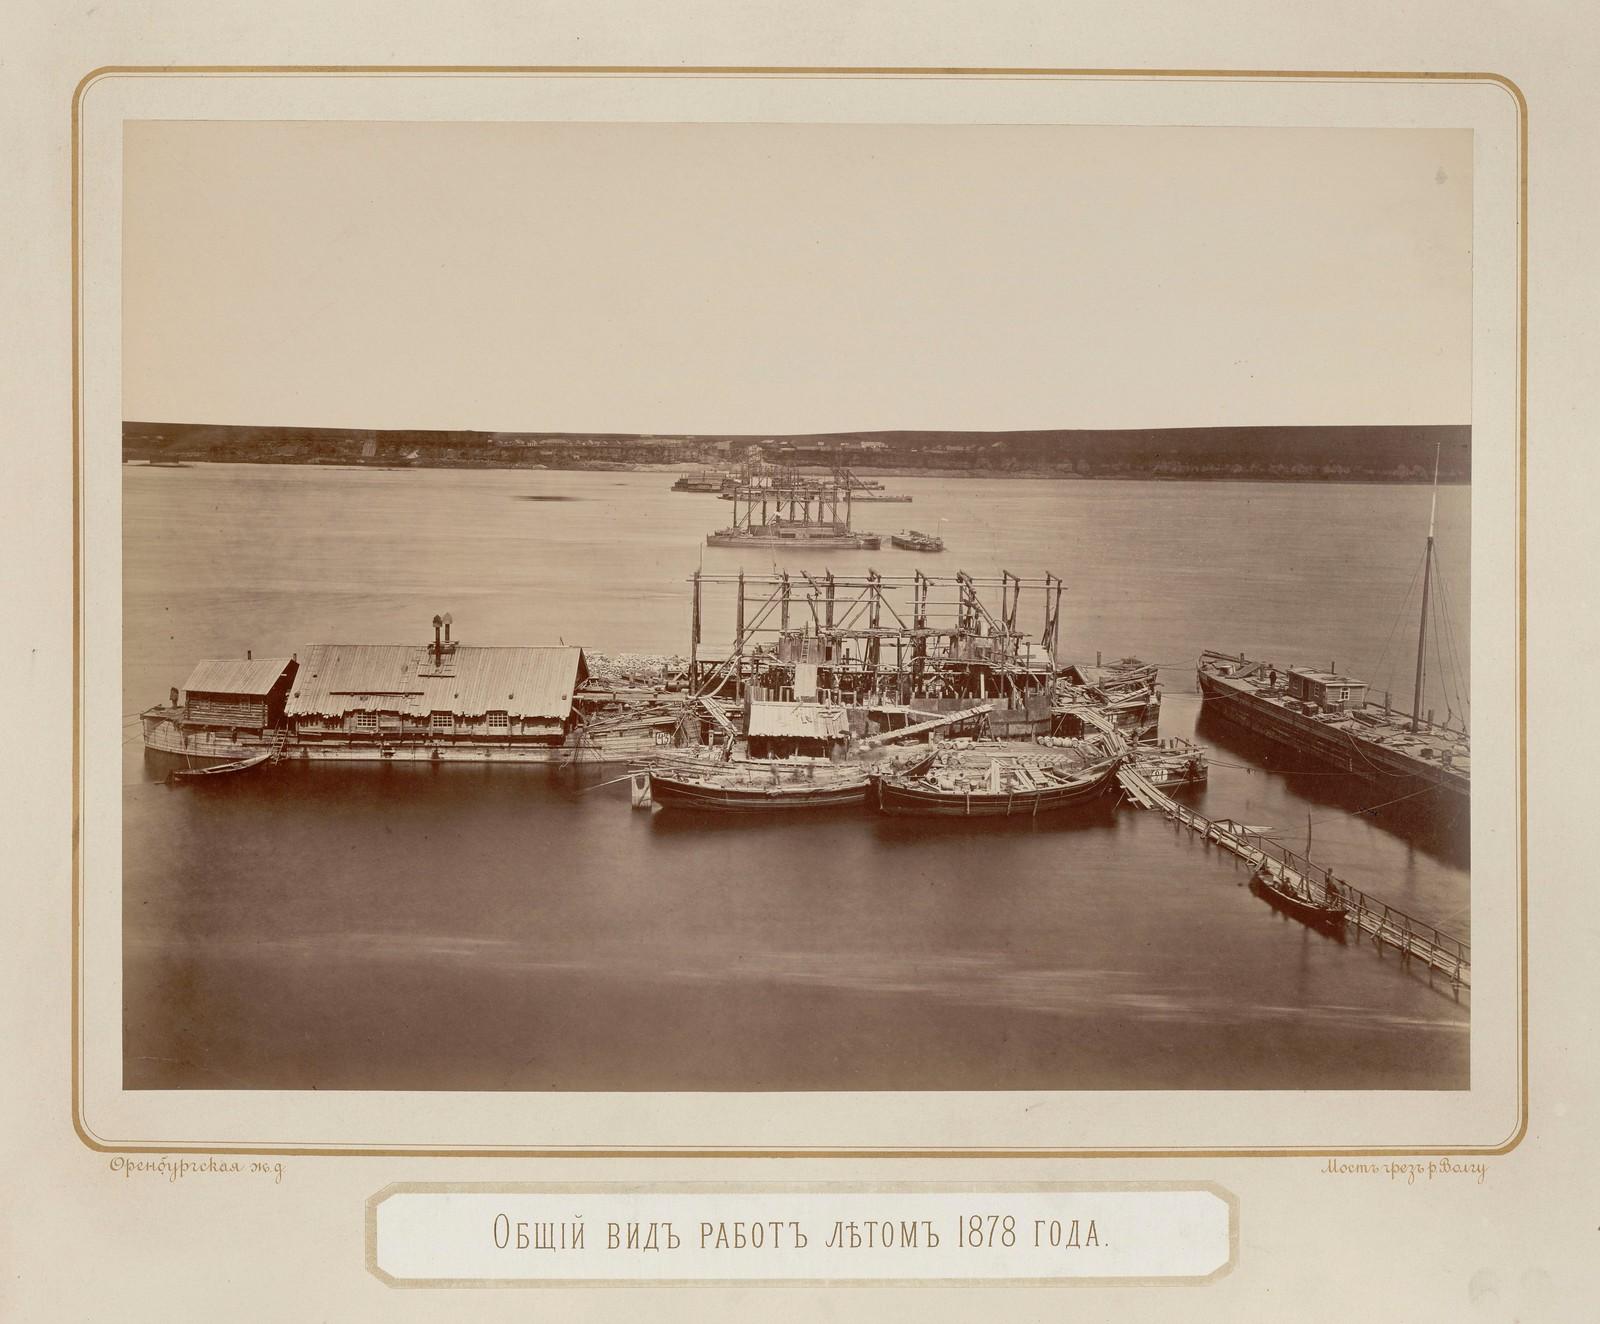 02. Общий вид работ летом 1878 года